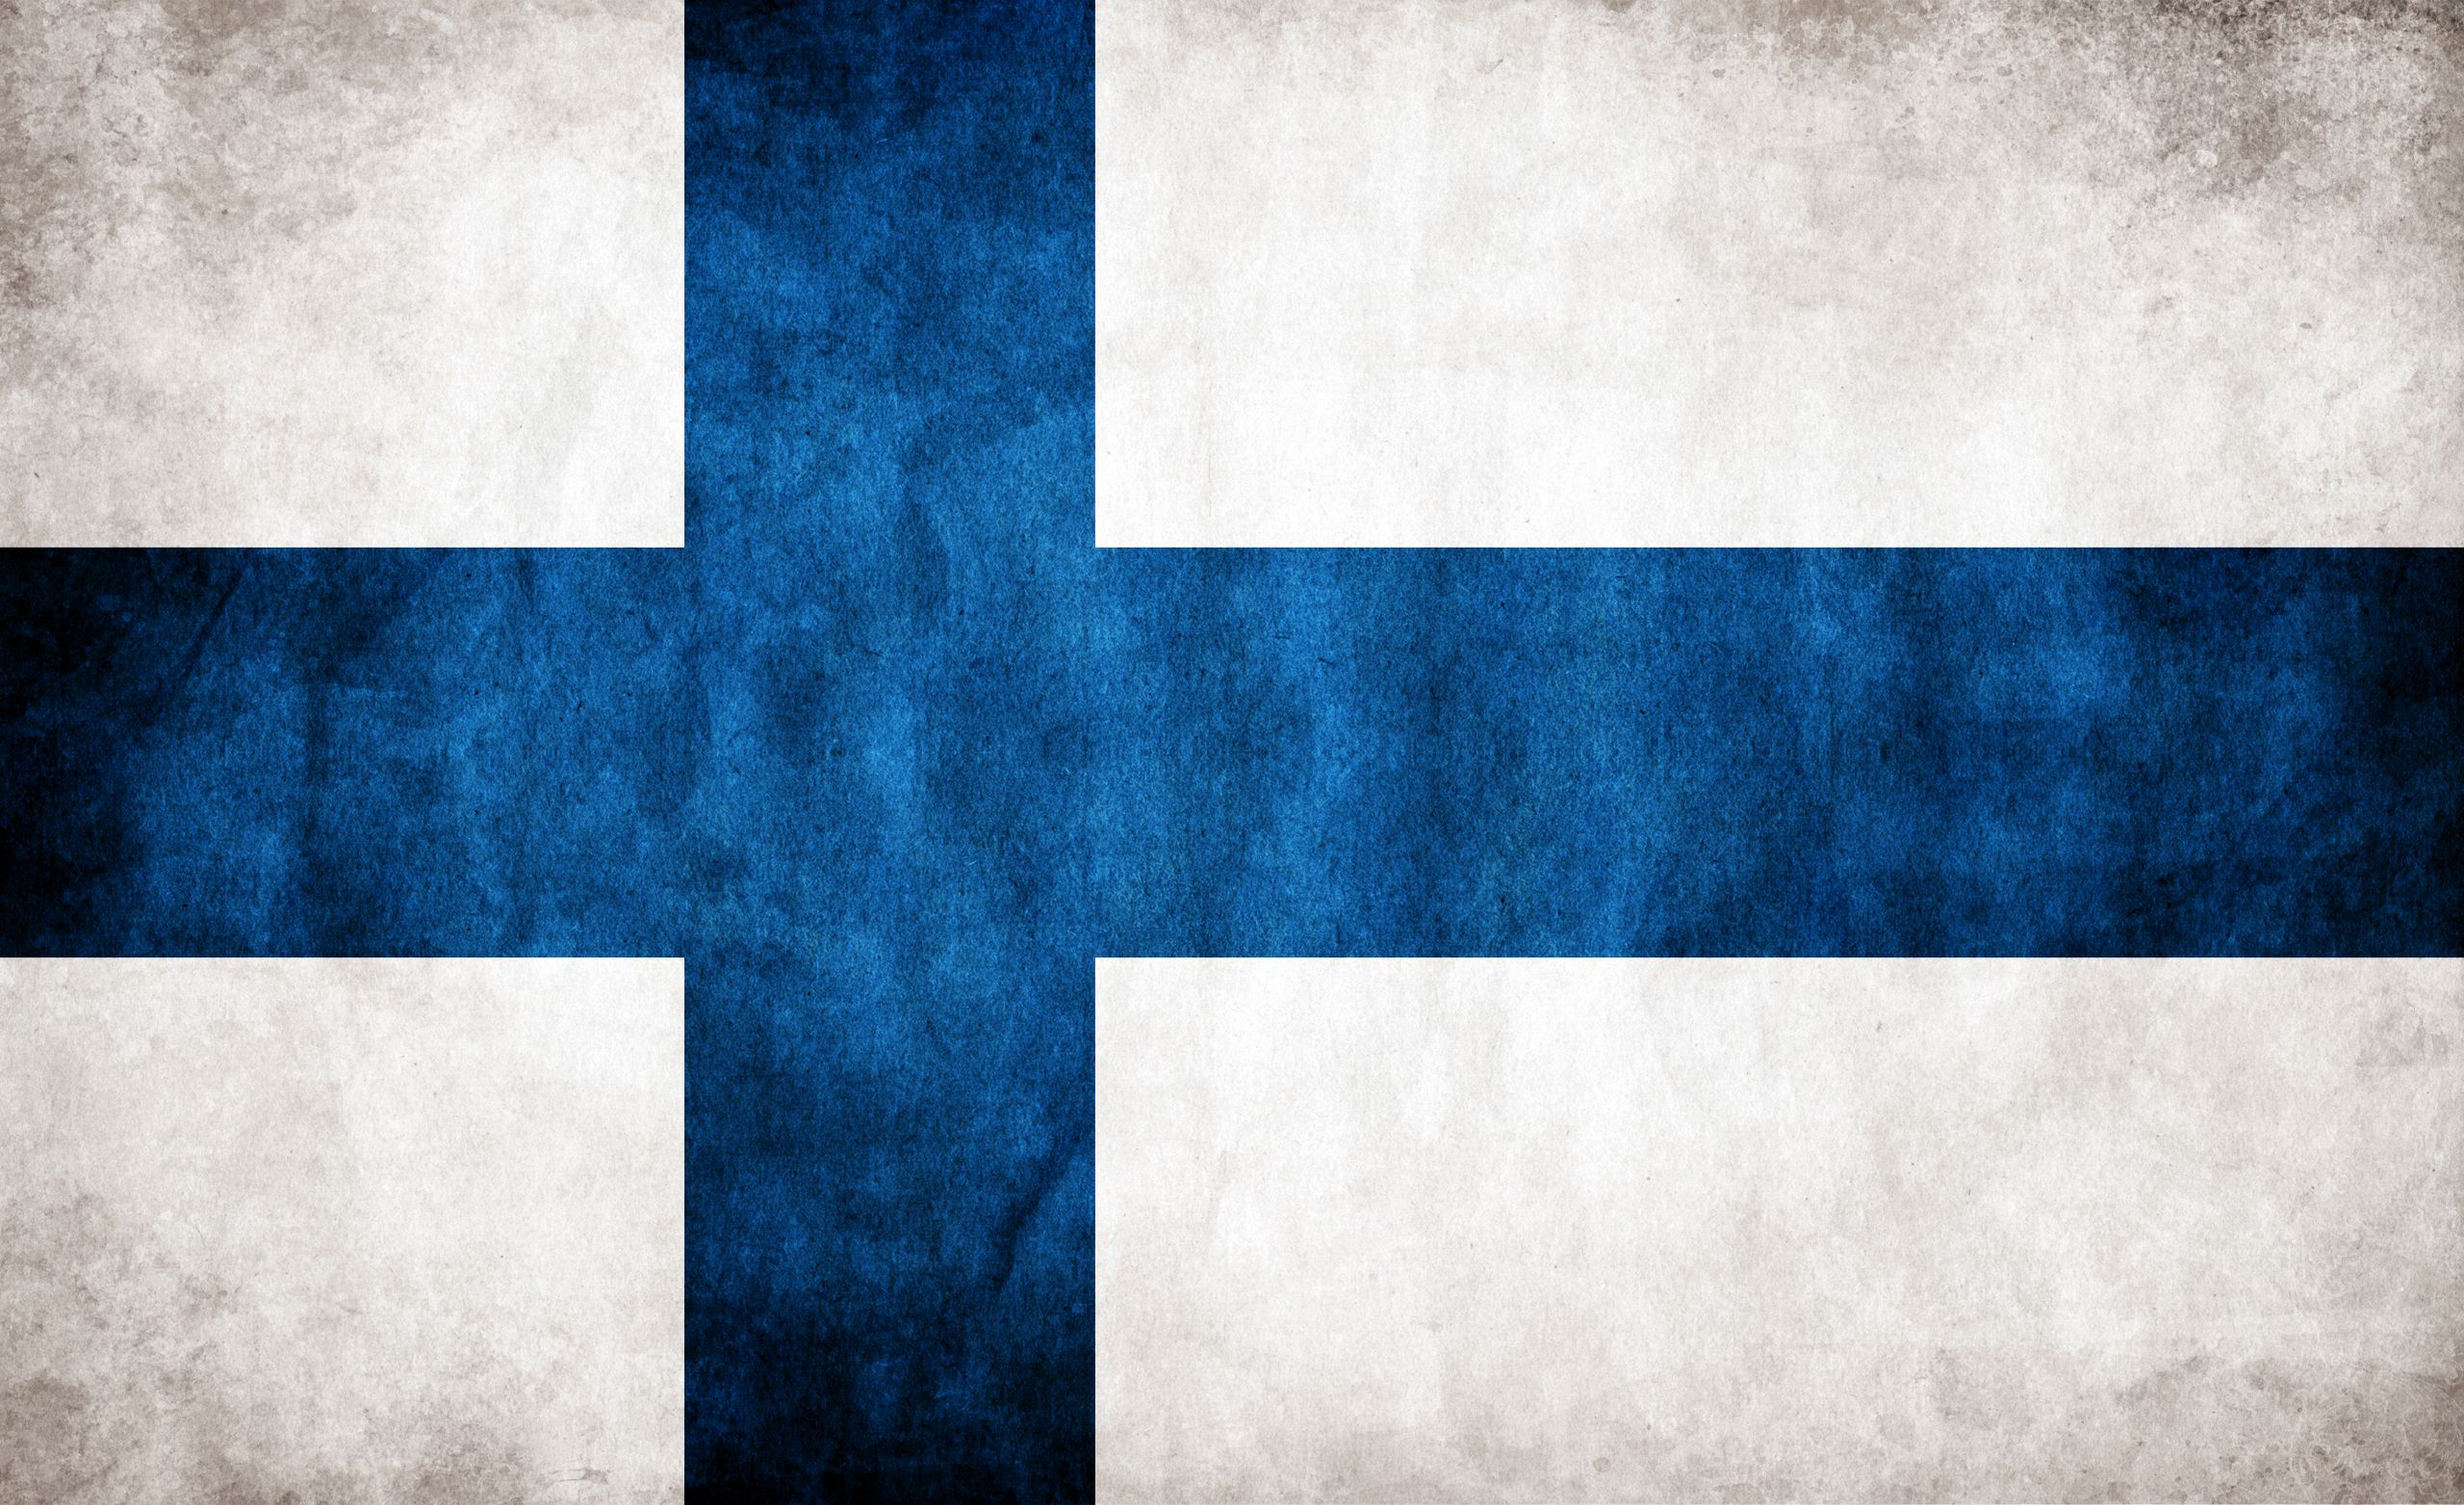 Finland grunge flag photo